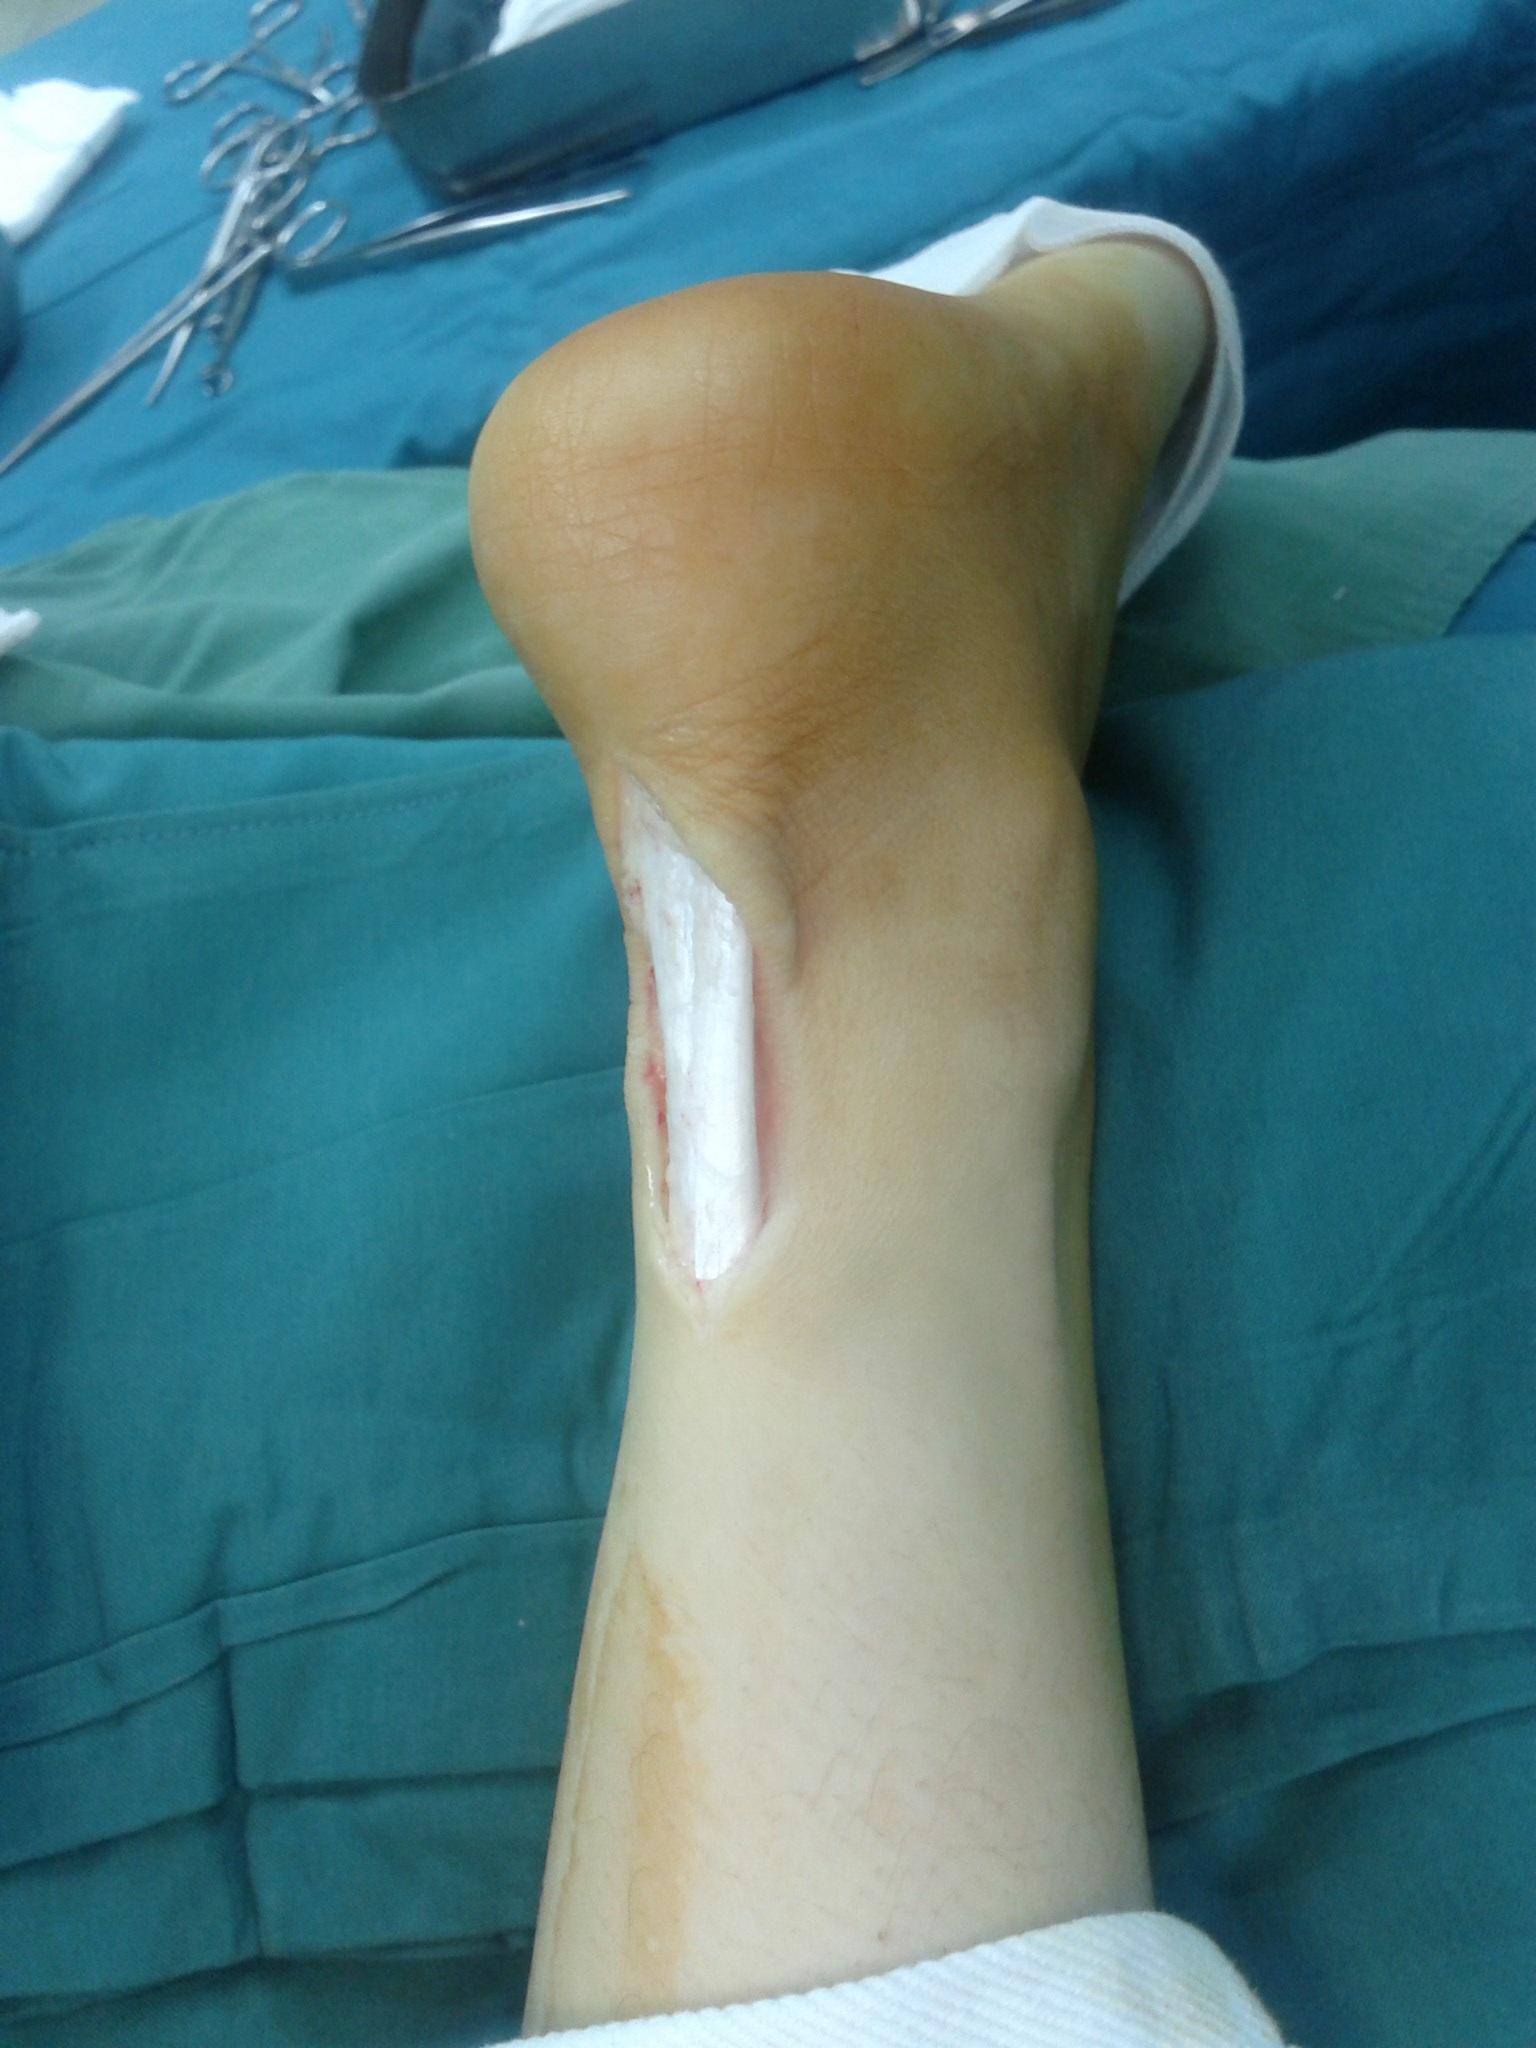 Kostenlose foto : Hand, Bein, Finger, Medizin, Arm, Muskel, Brust ...